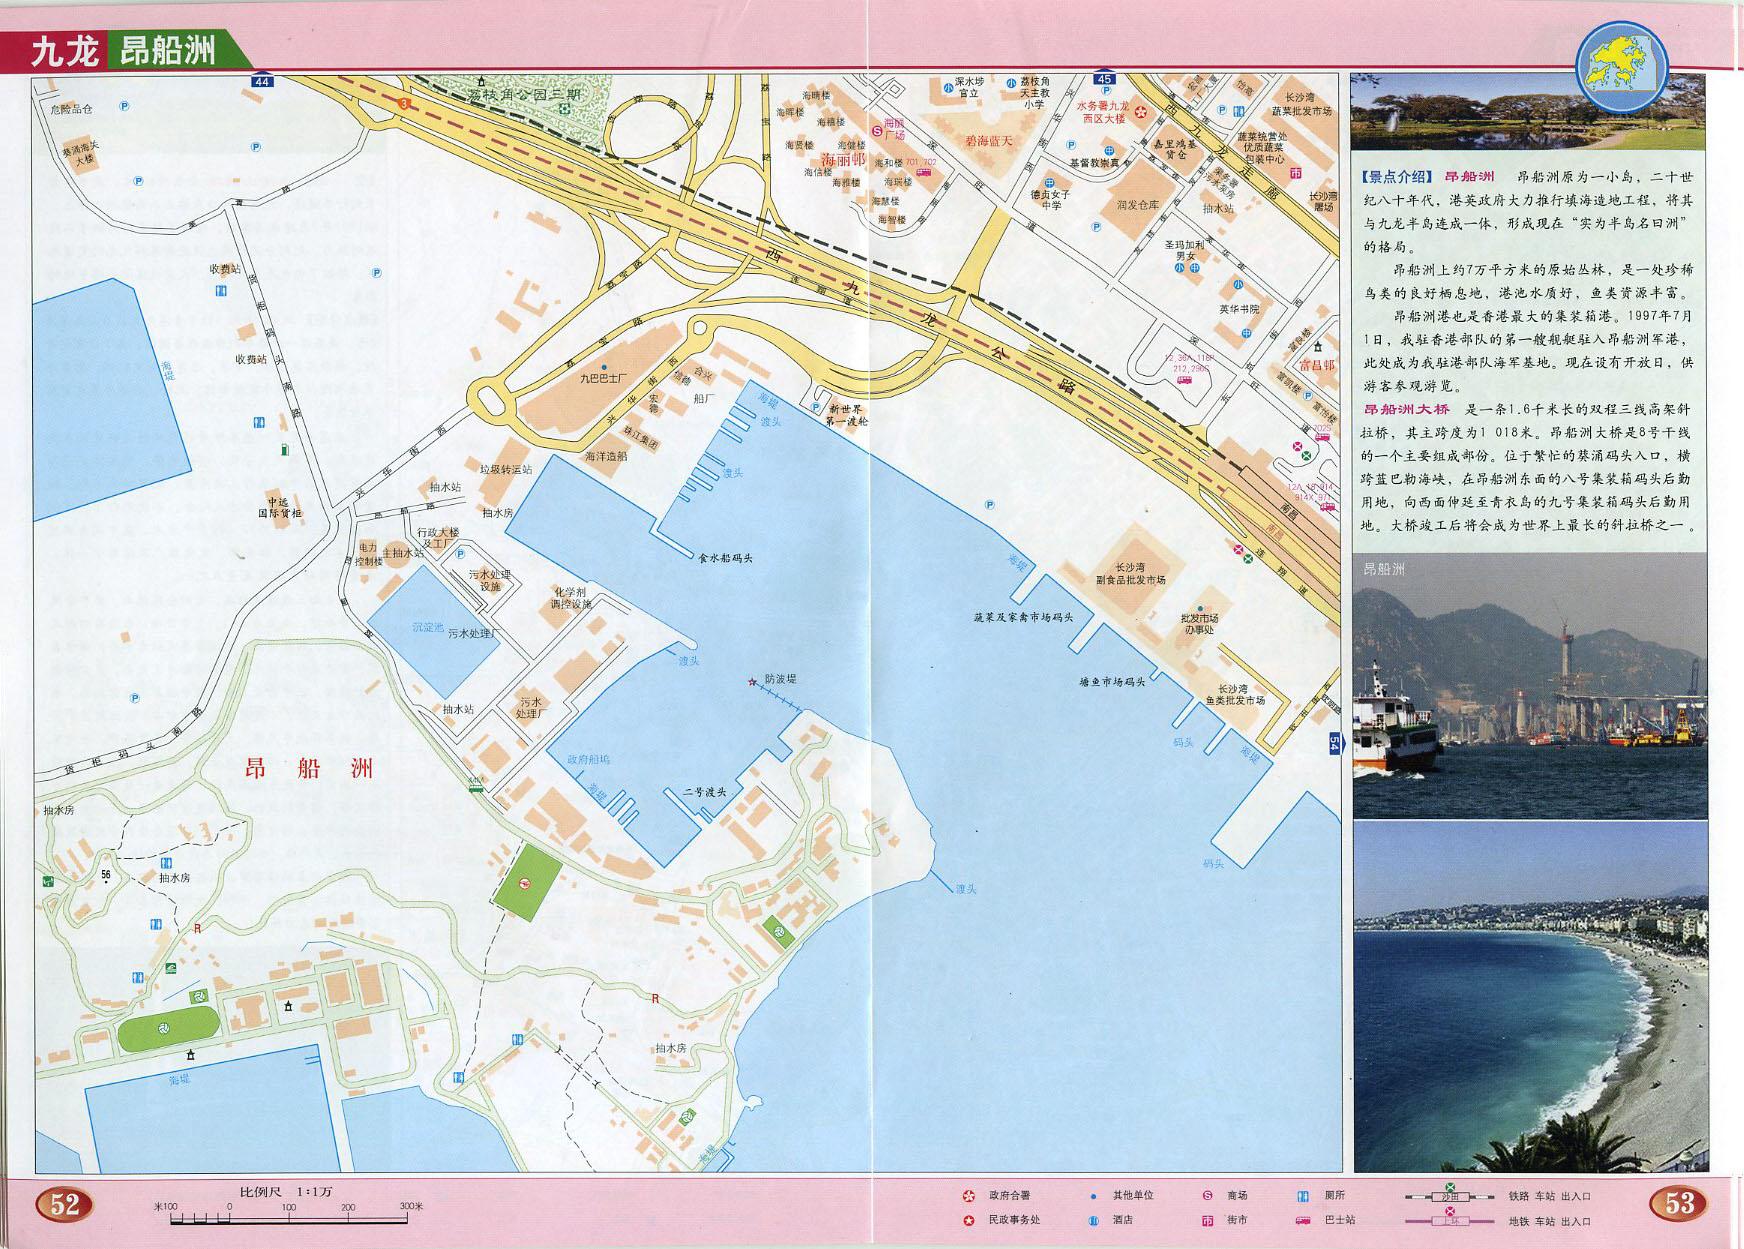 九龙 昂船洲地图高清版